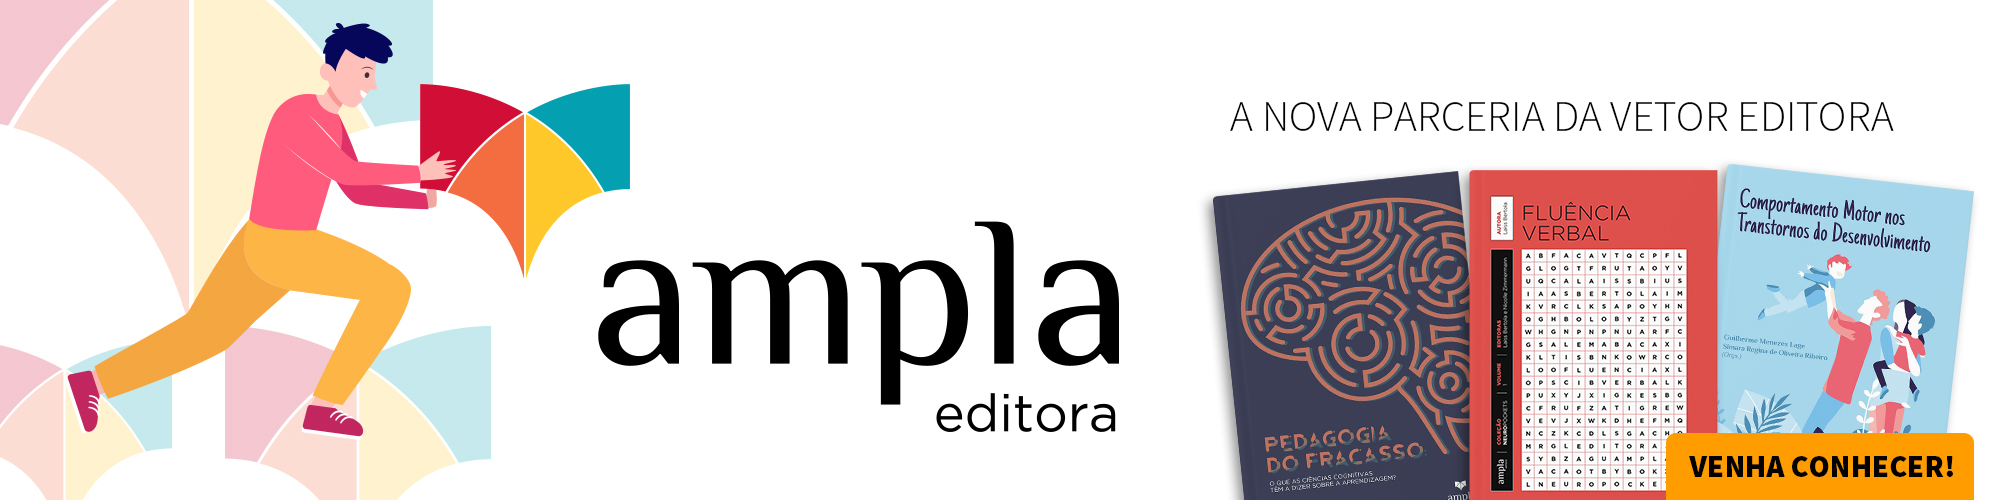 Parceria Editora Ampla